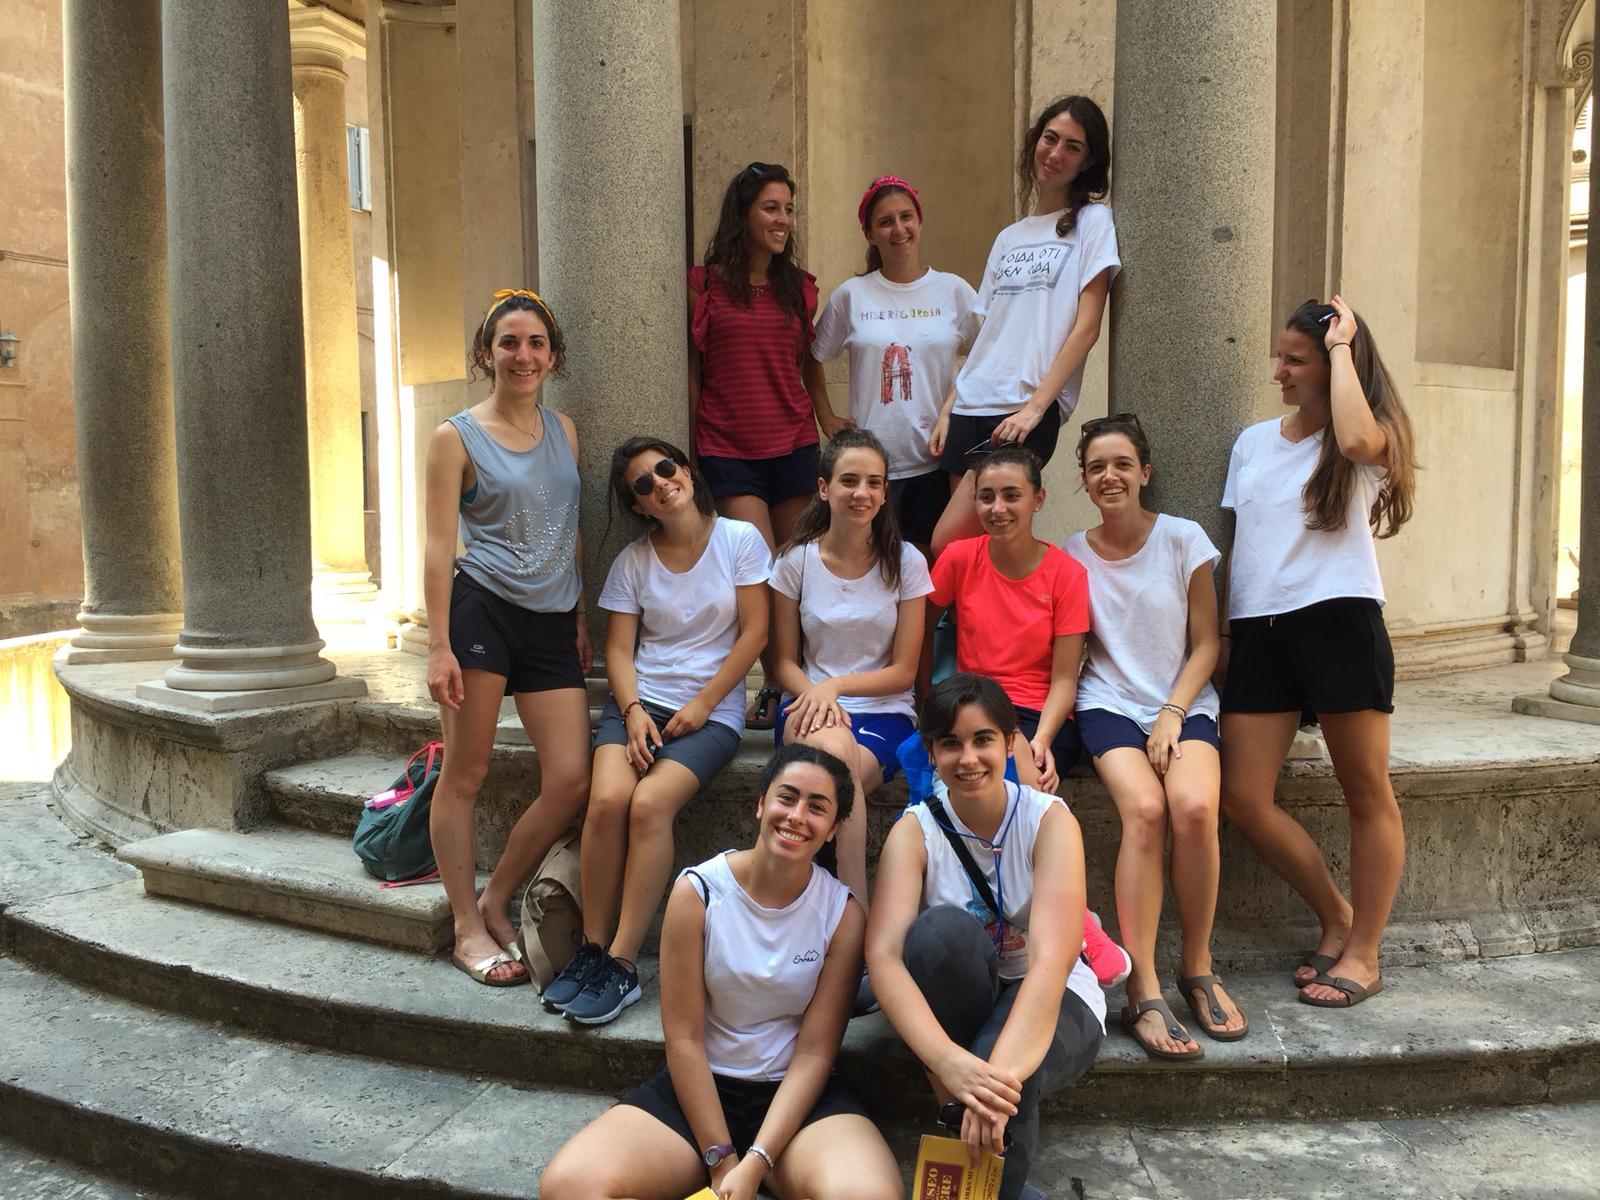 Pellegrinaggio Roma 2018 incontro (2)